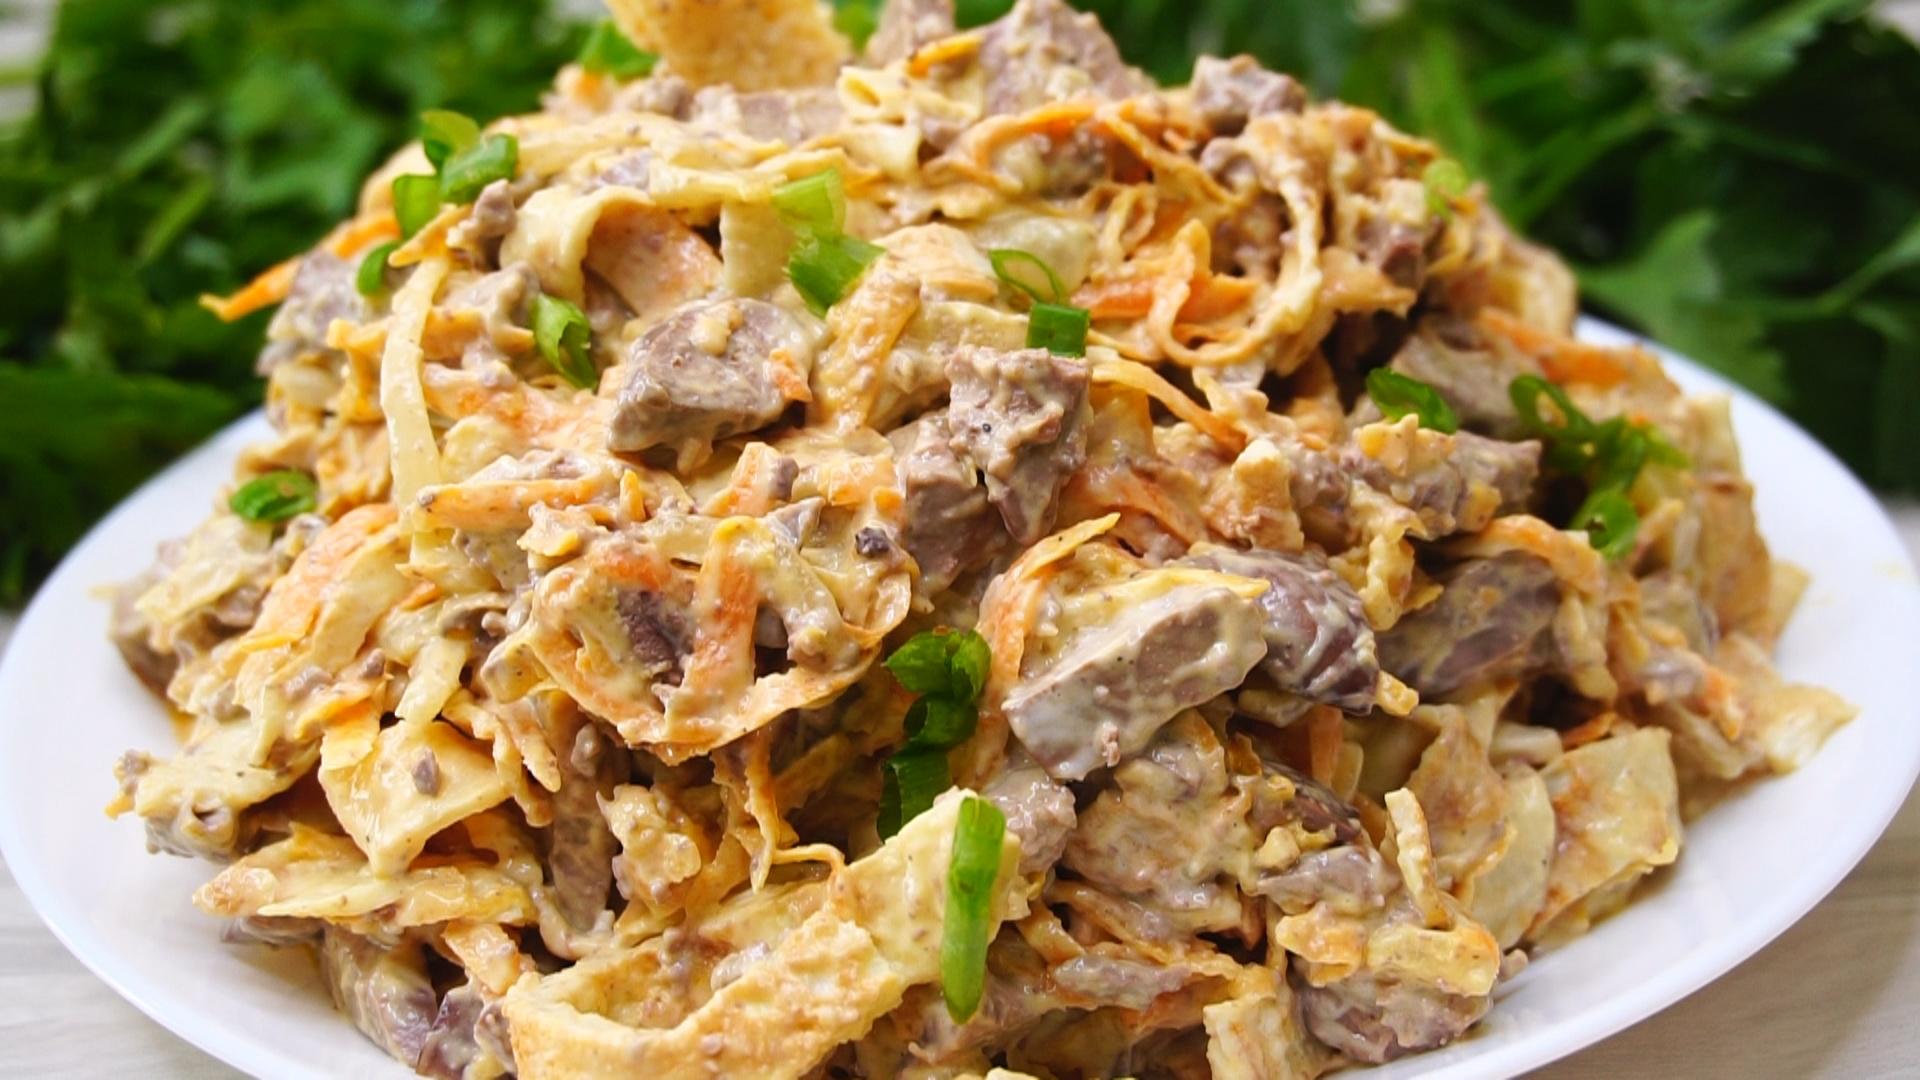 Салат разбойничий с курицей и блинами. салат с курицей и яичными блинчиками | дачная жизнь